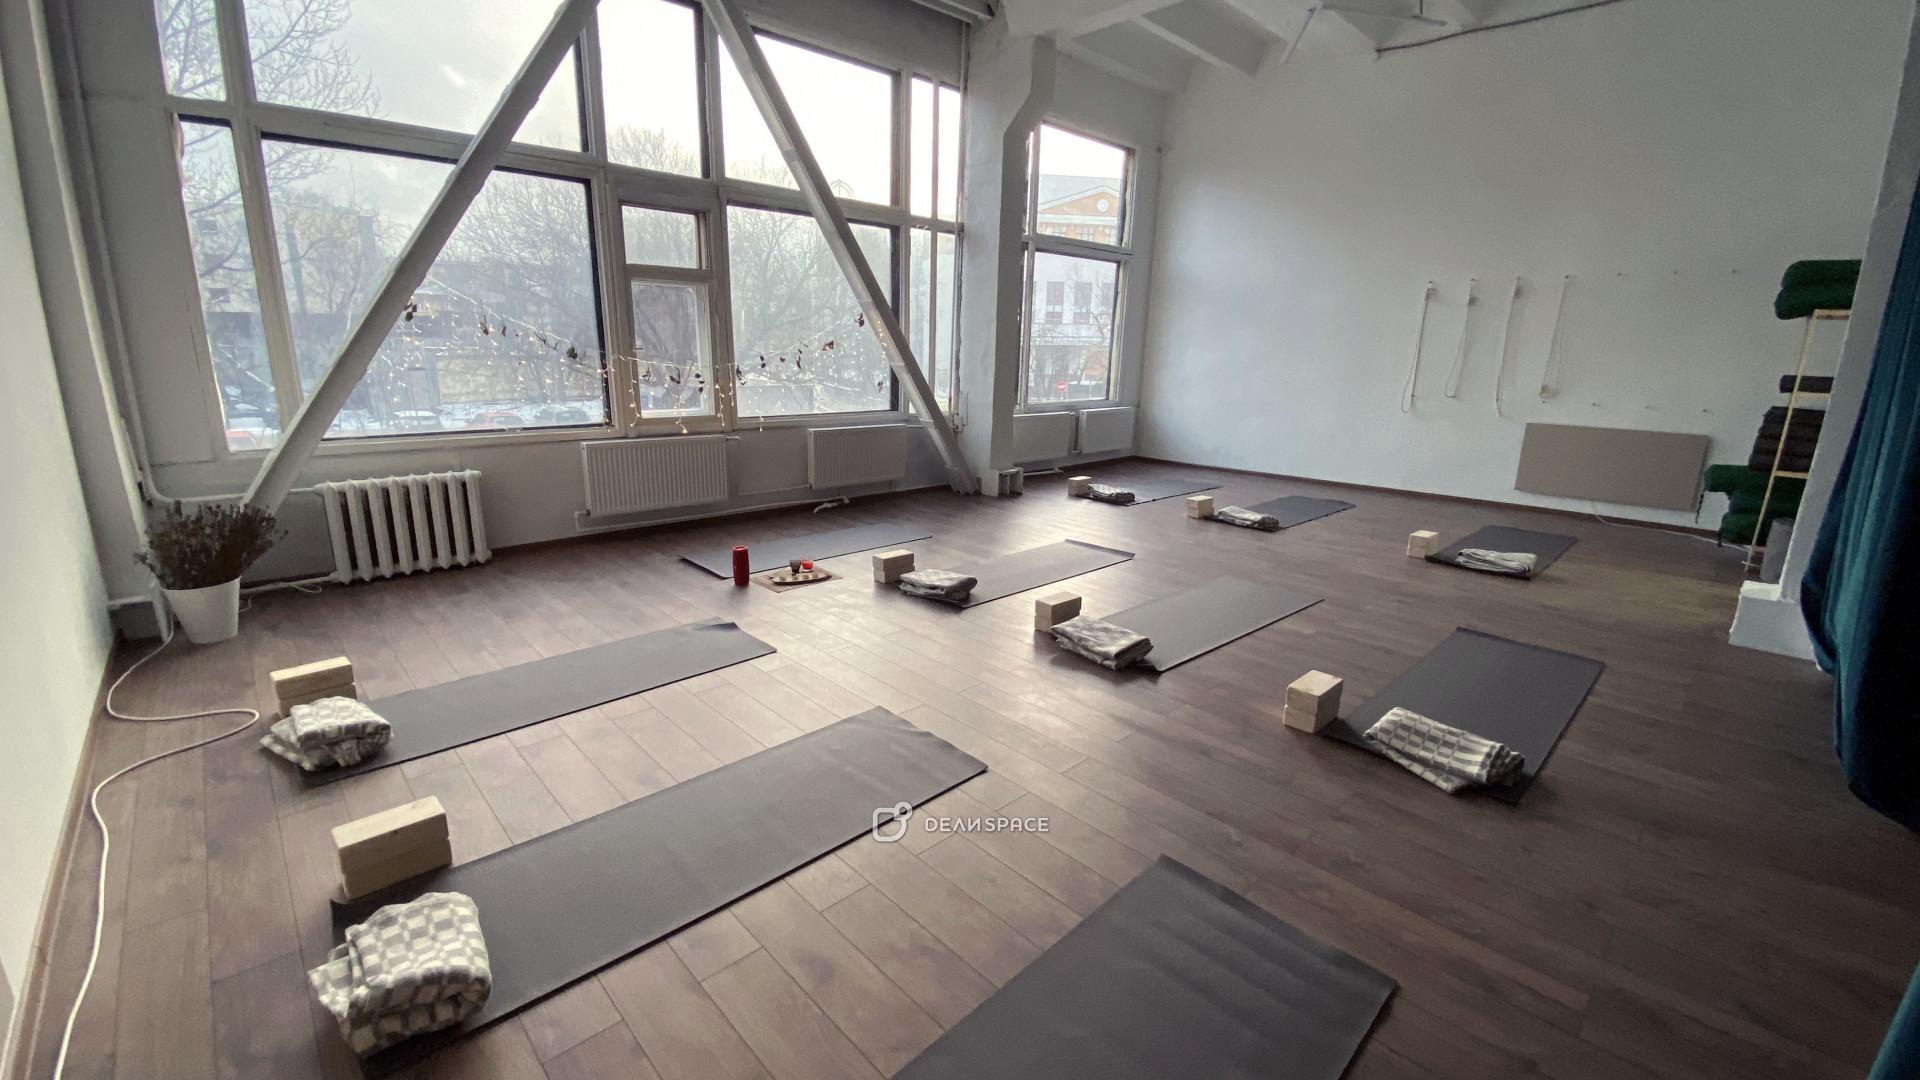 Пространство для йоги и других мероприятий - фото №4